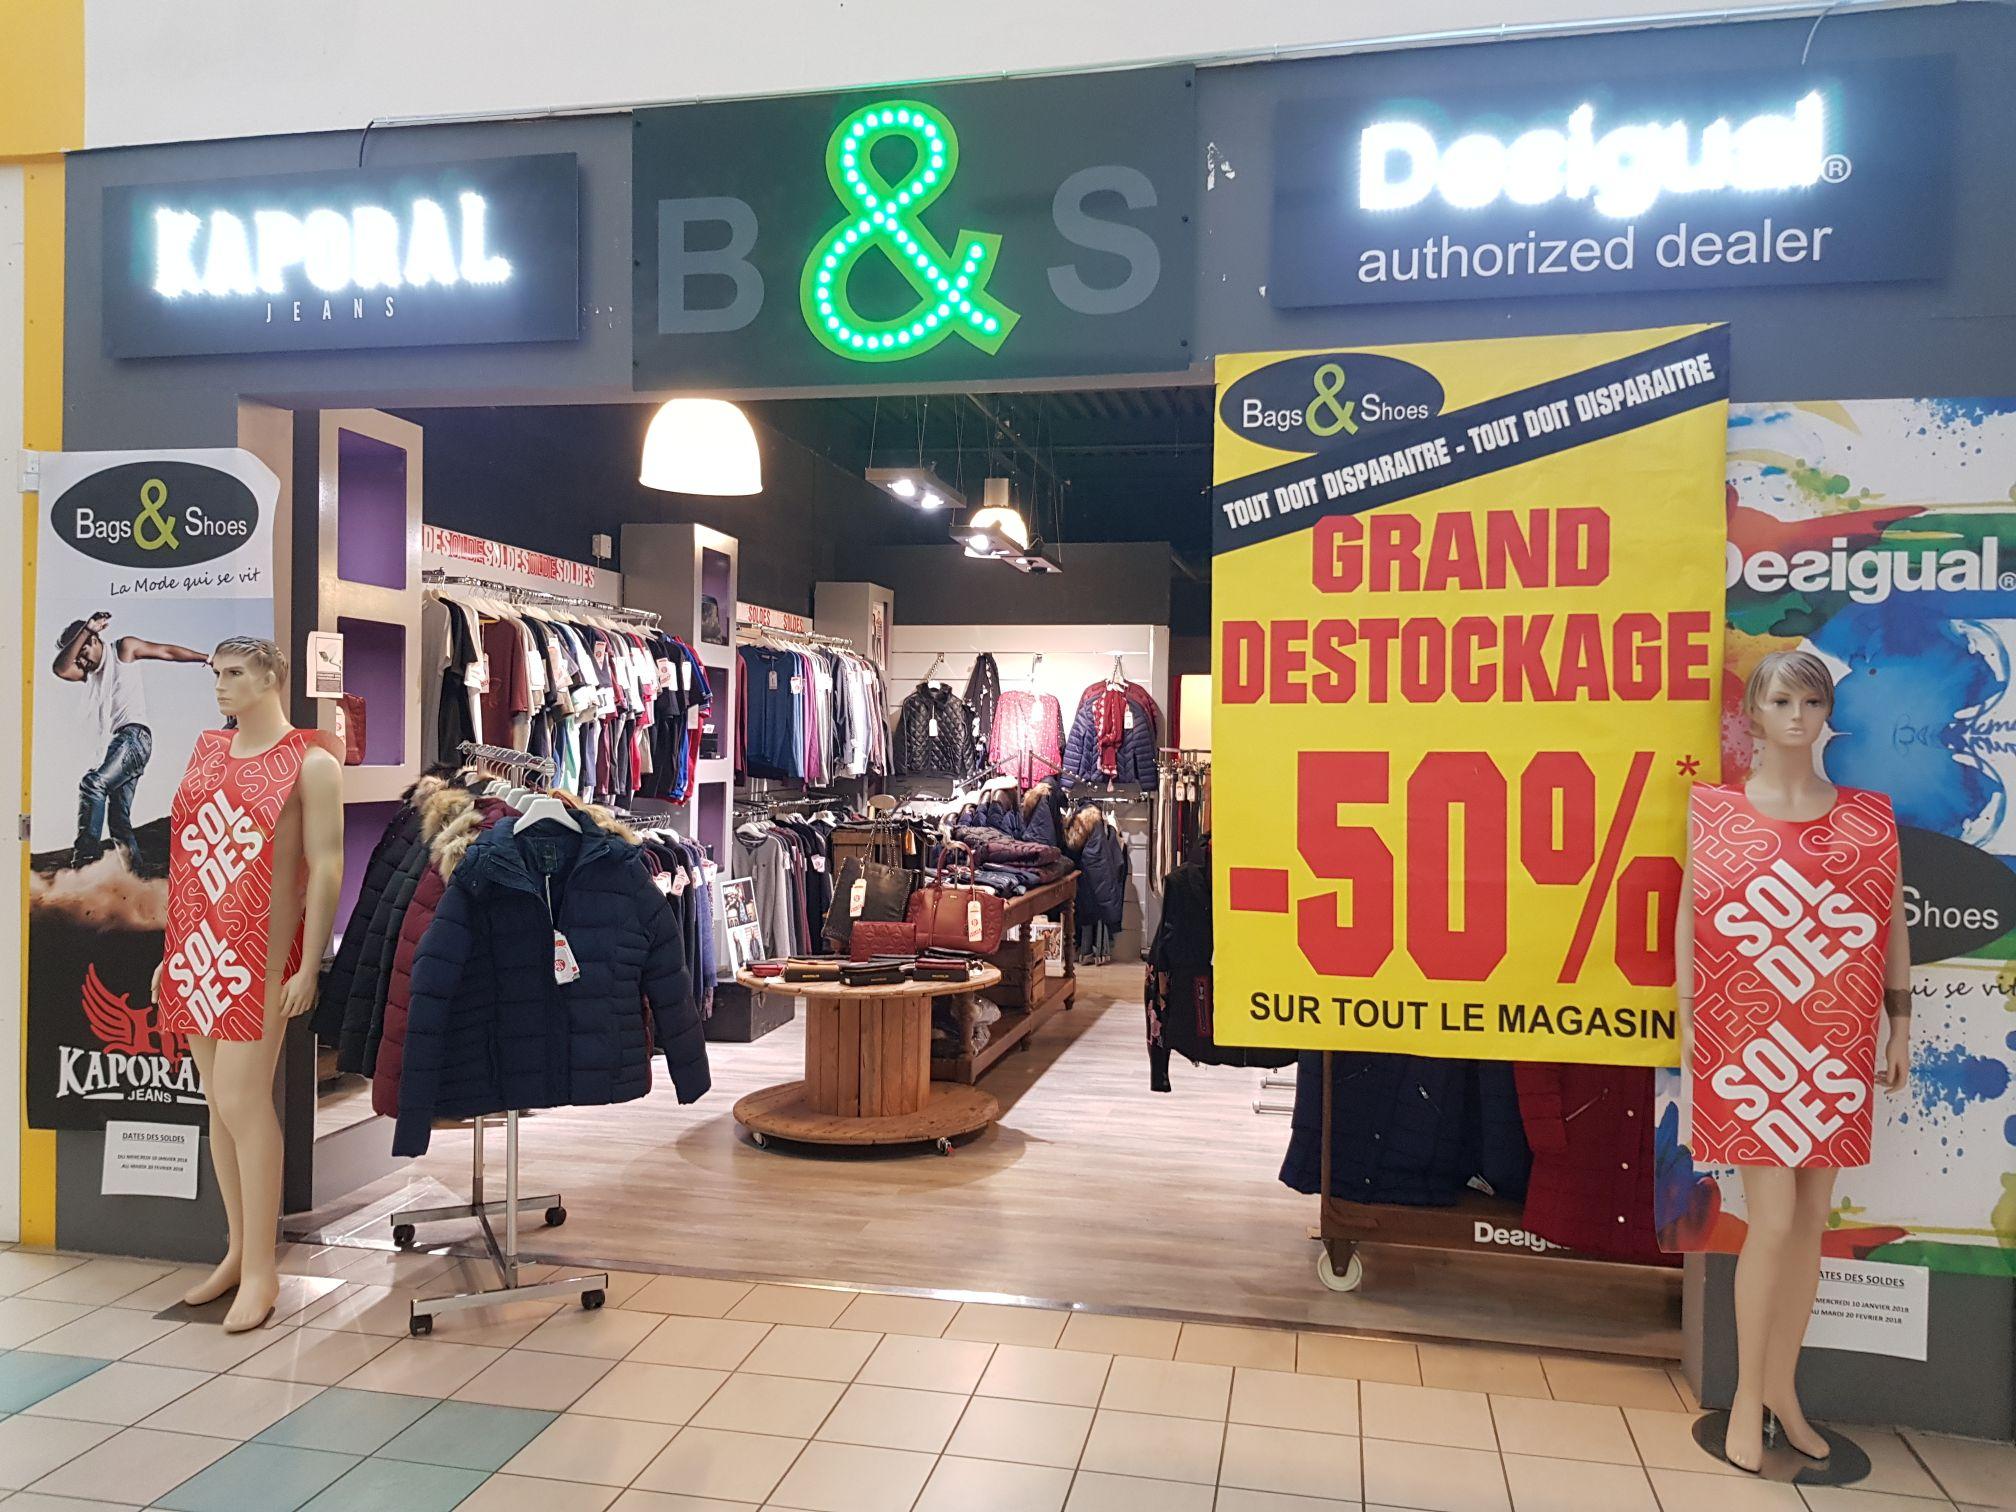 BAGS & SHOES 50% de remise immédiate sur tout le magasin - CC Leclerc Rochefort Sud (17)